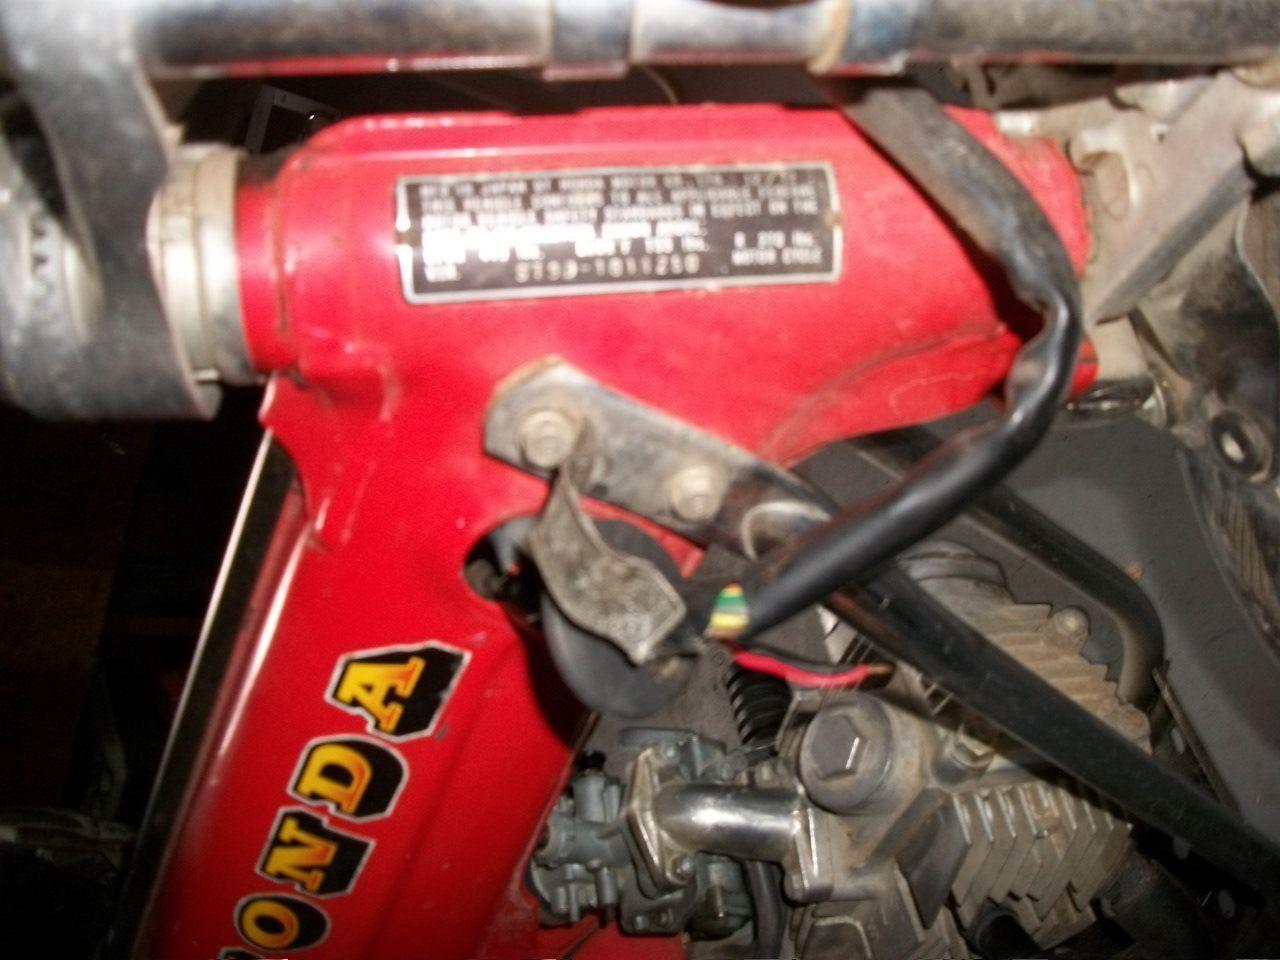 1973 honda st90 trail bike st 90 mini bike  parts  restore